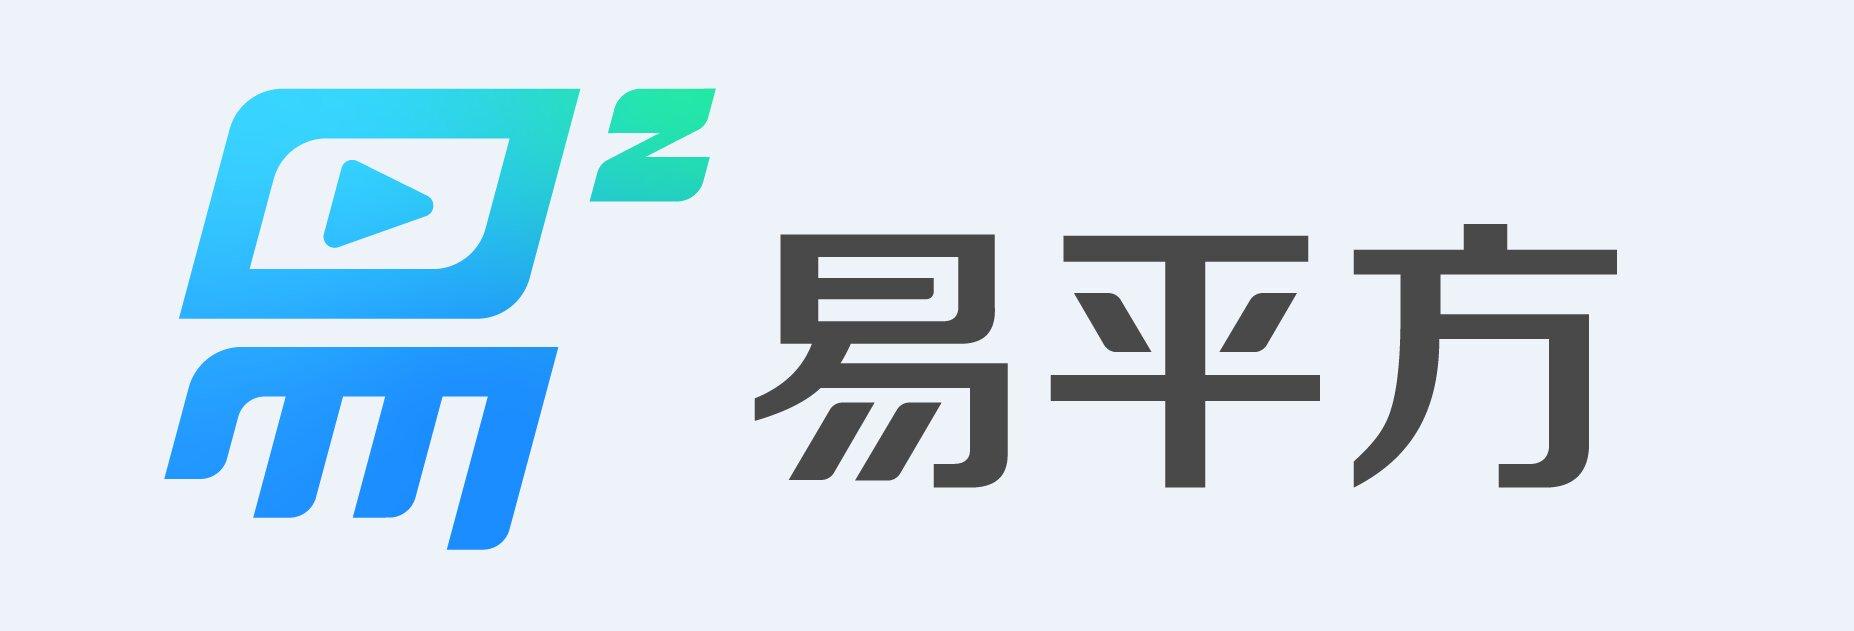 打造跨屏、跨场景新营销生态!易平方亮相GFIC2021!